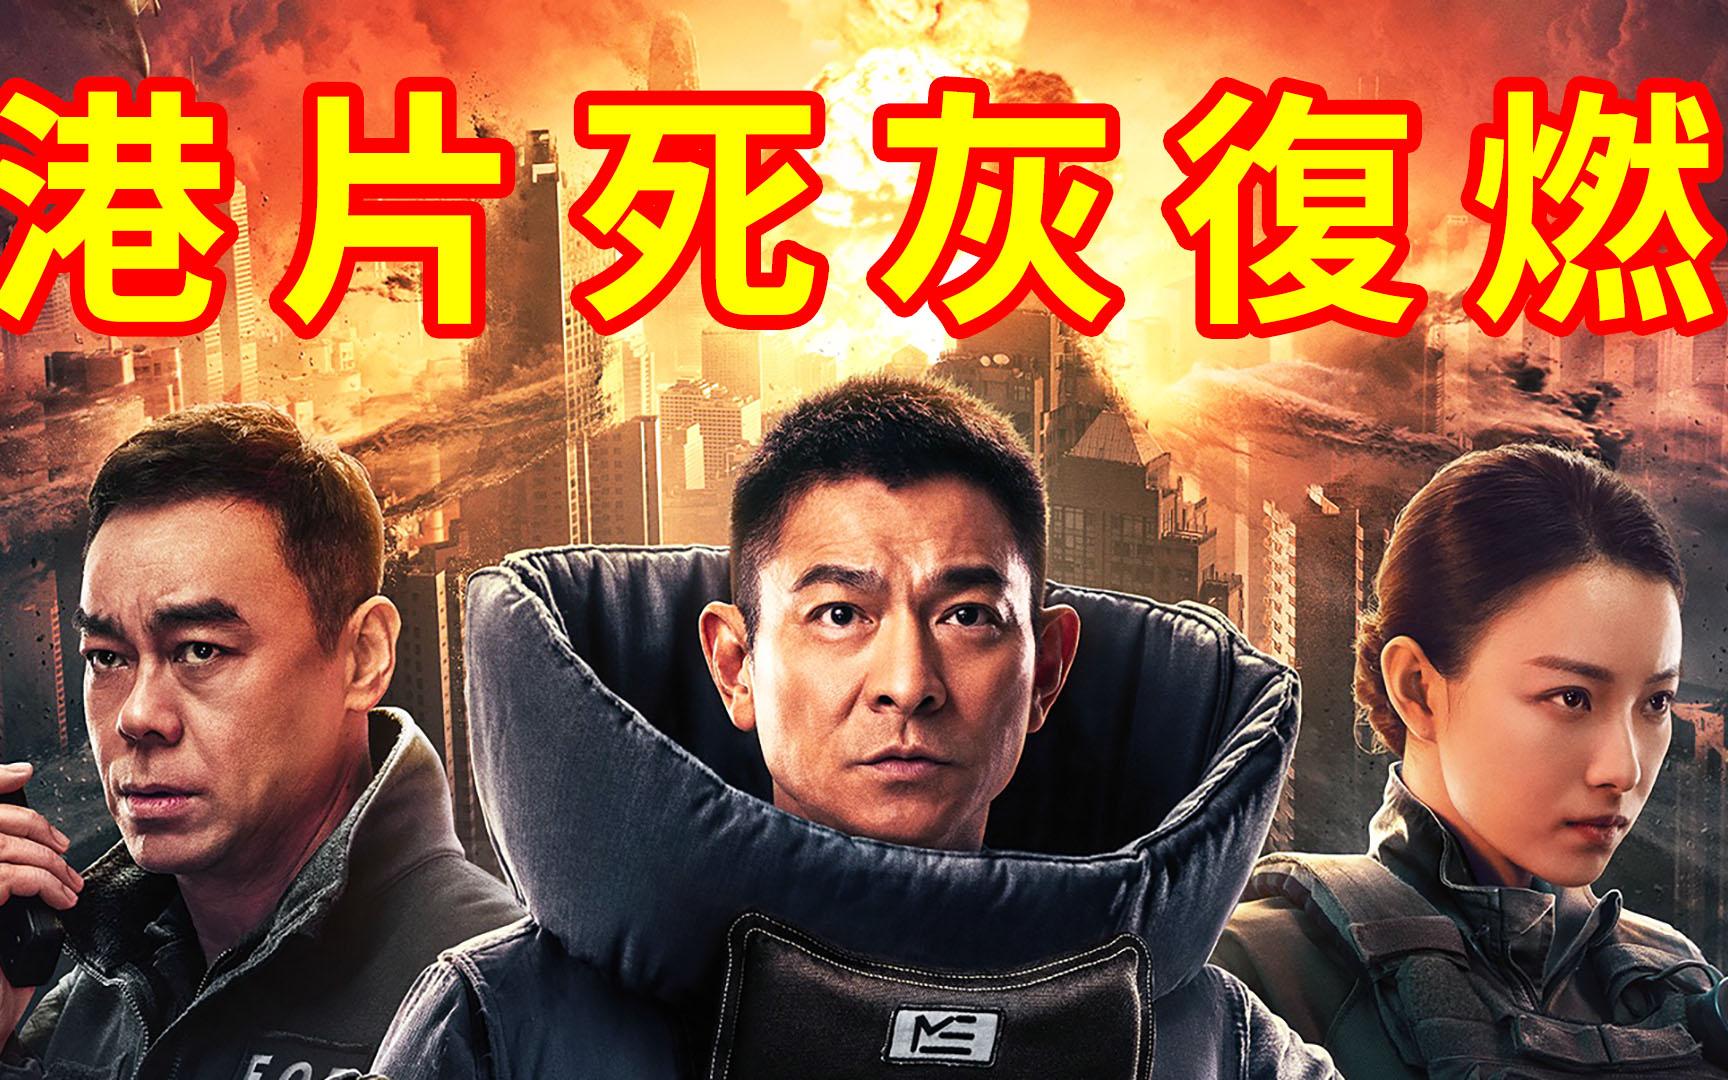 港片死灰复燃,三大影帝合体,刘青云,刘德华,《拆弹专家2》